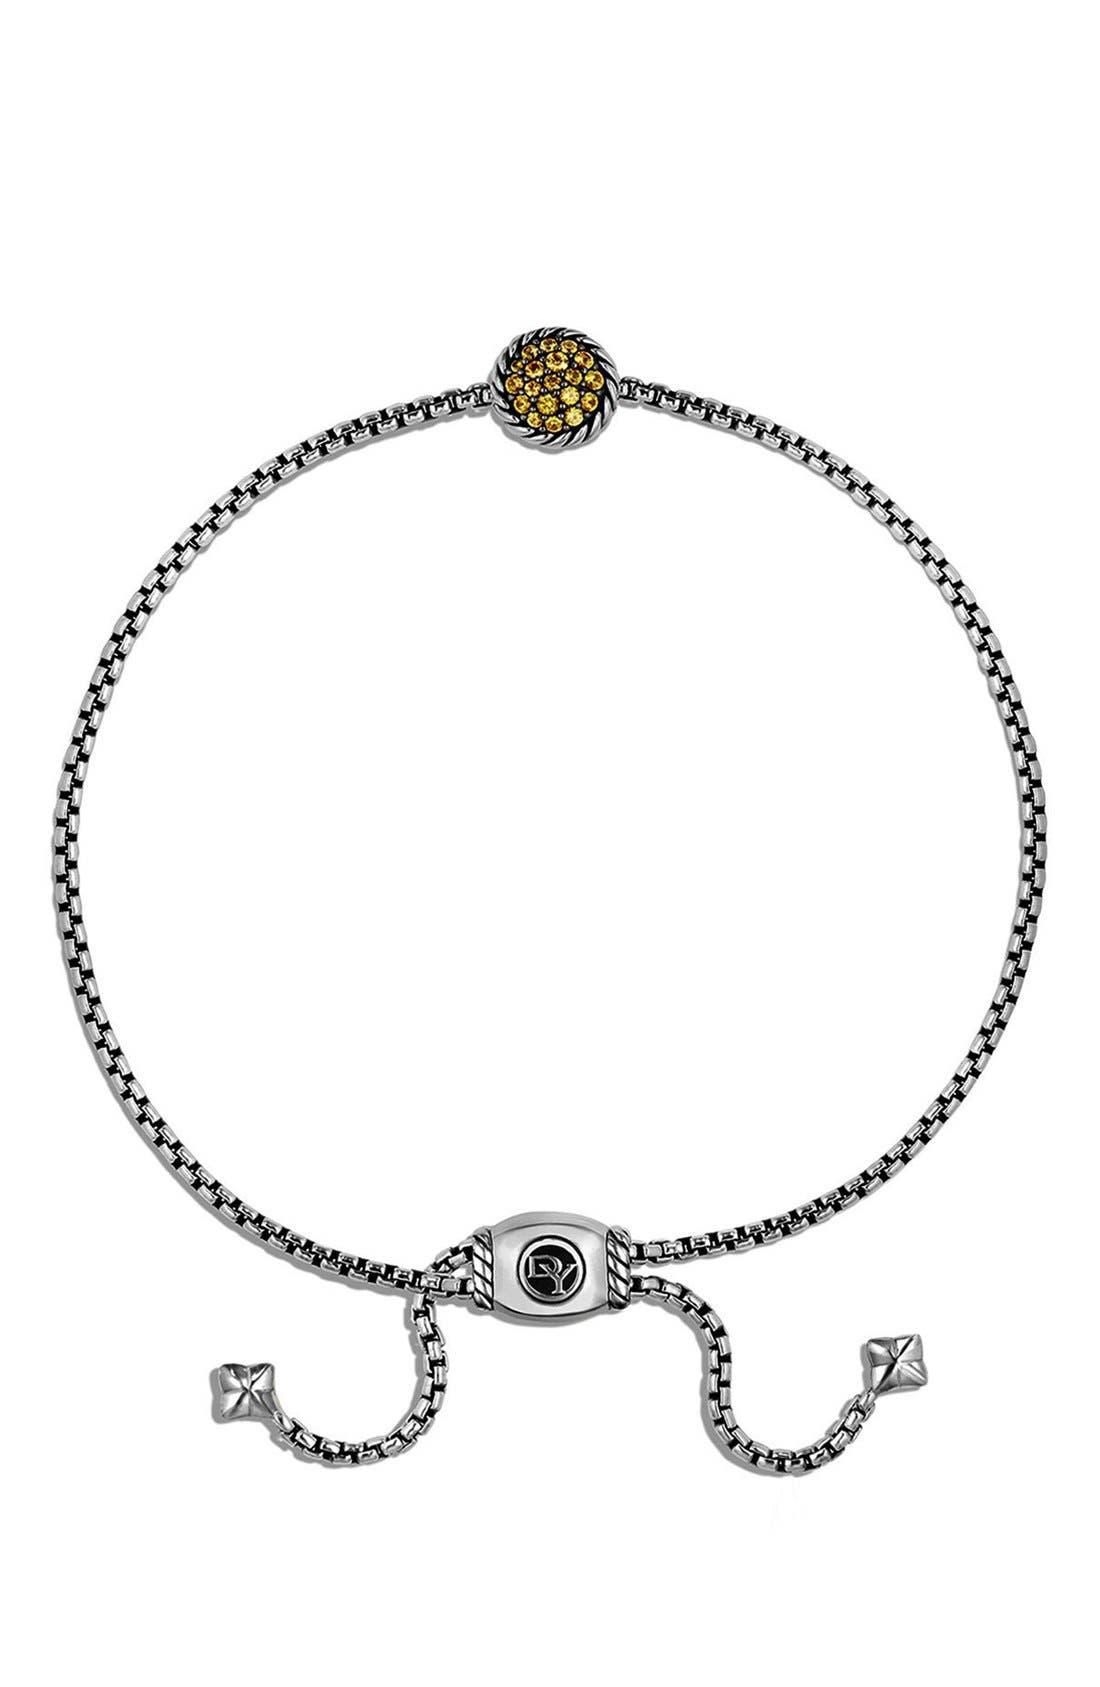 'Châtelaine' Petite Bracelet,                             Alternate thumbnail 2, color,                             SILVER/ YELLOW SAPPHIRE